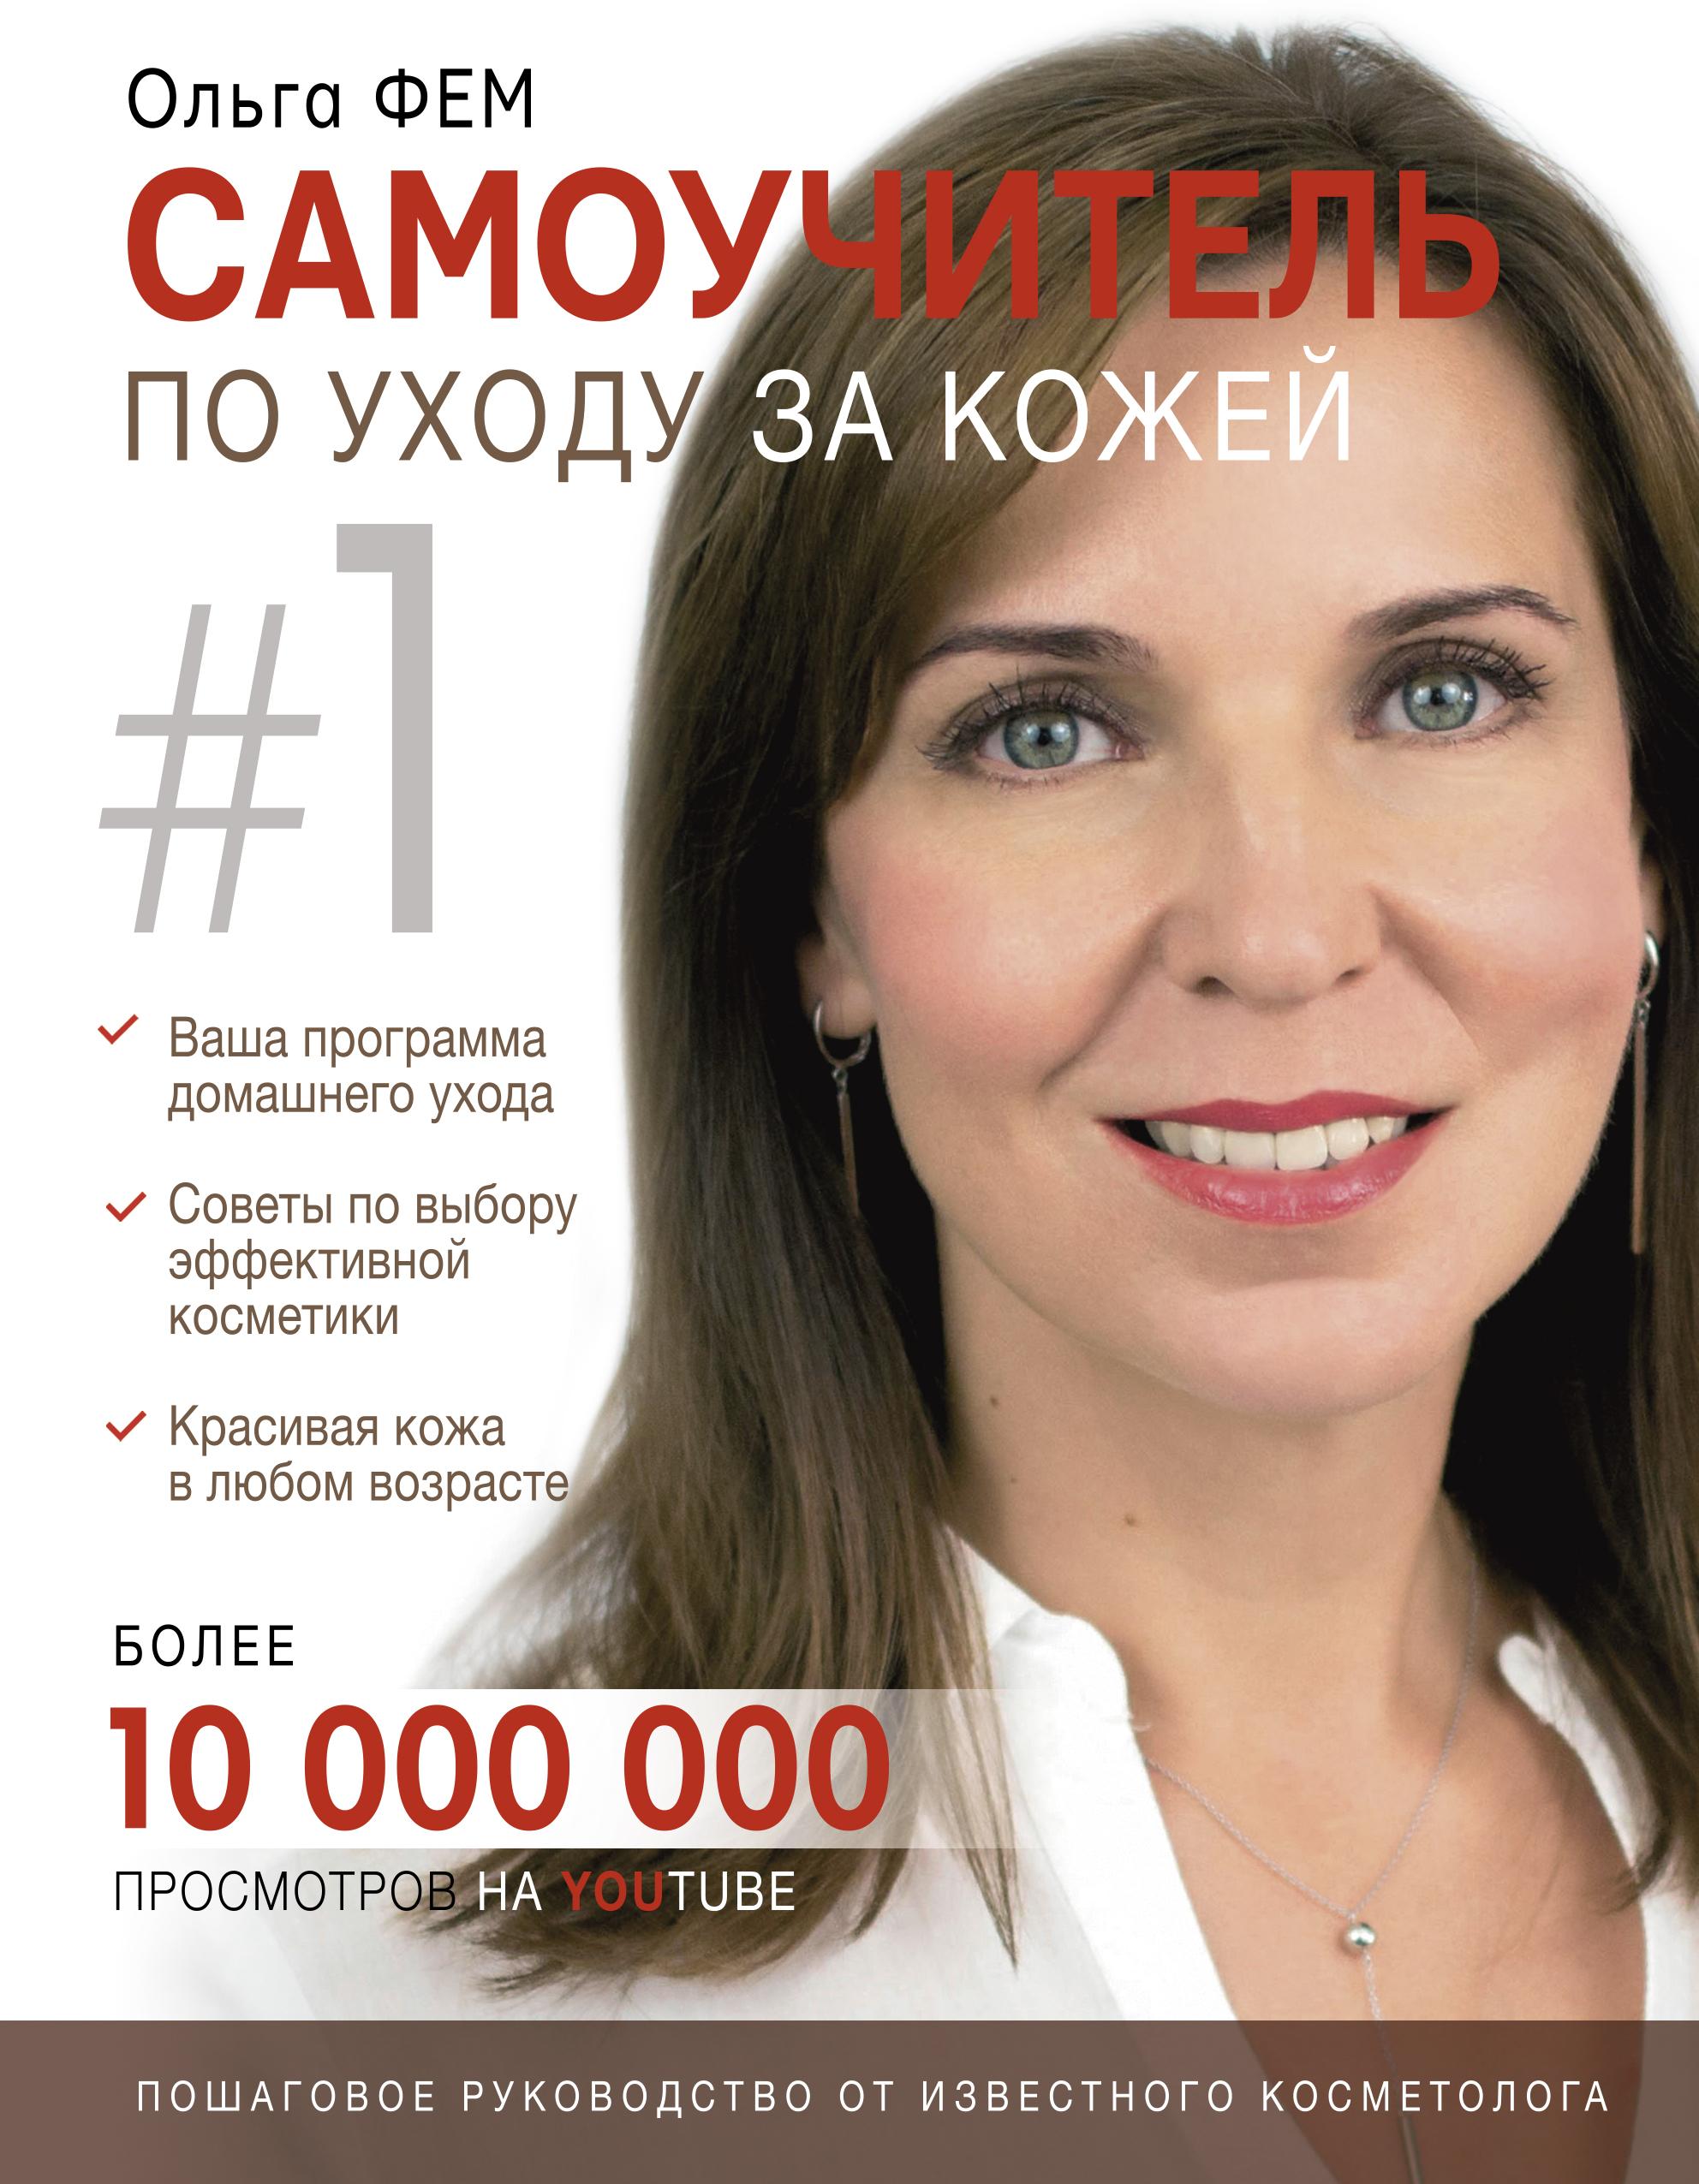 Ольга Фем Самоучитель по уходу за кожей #1 средства по уходу за кожей